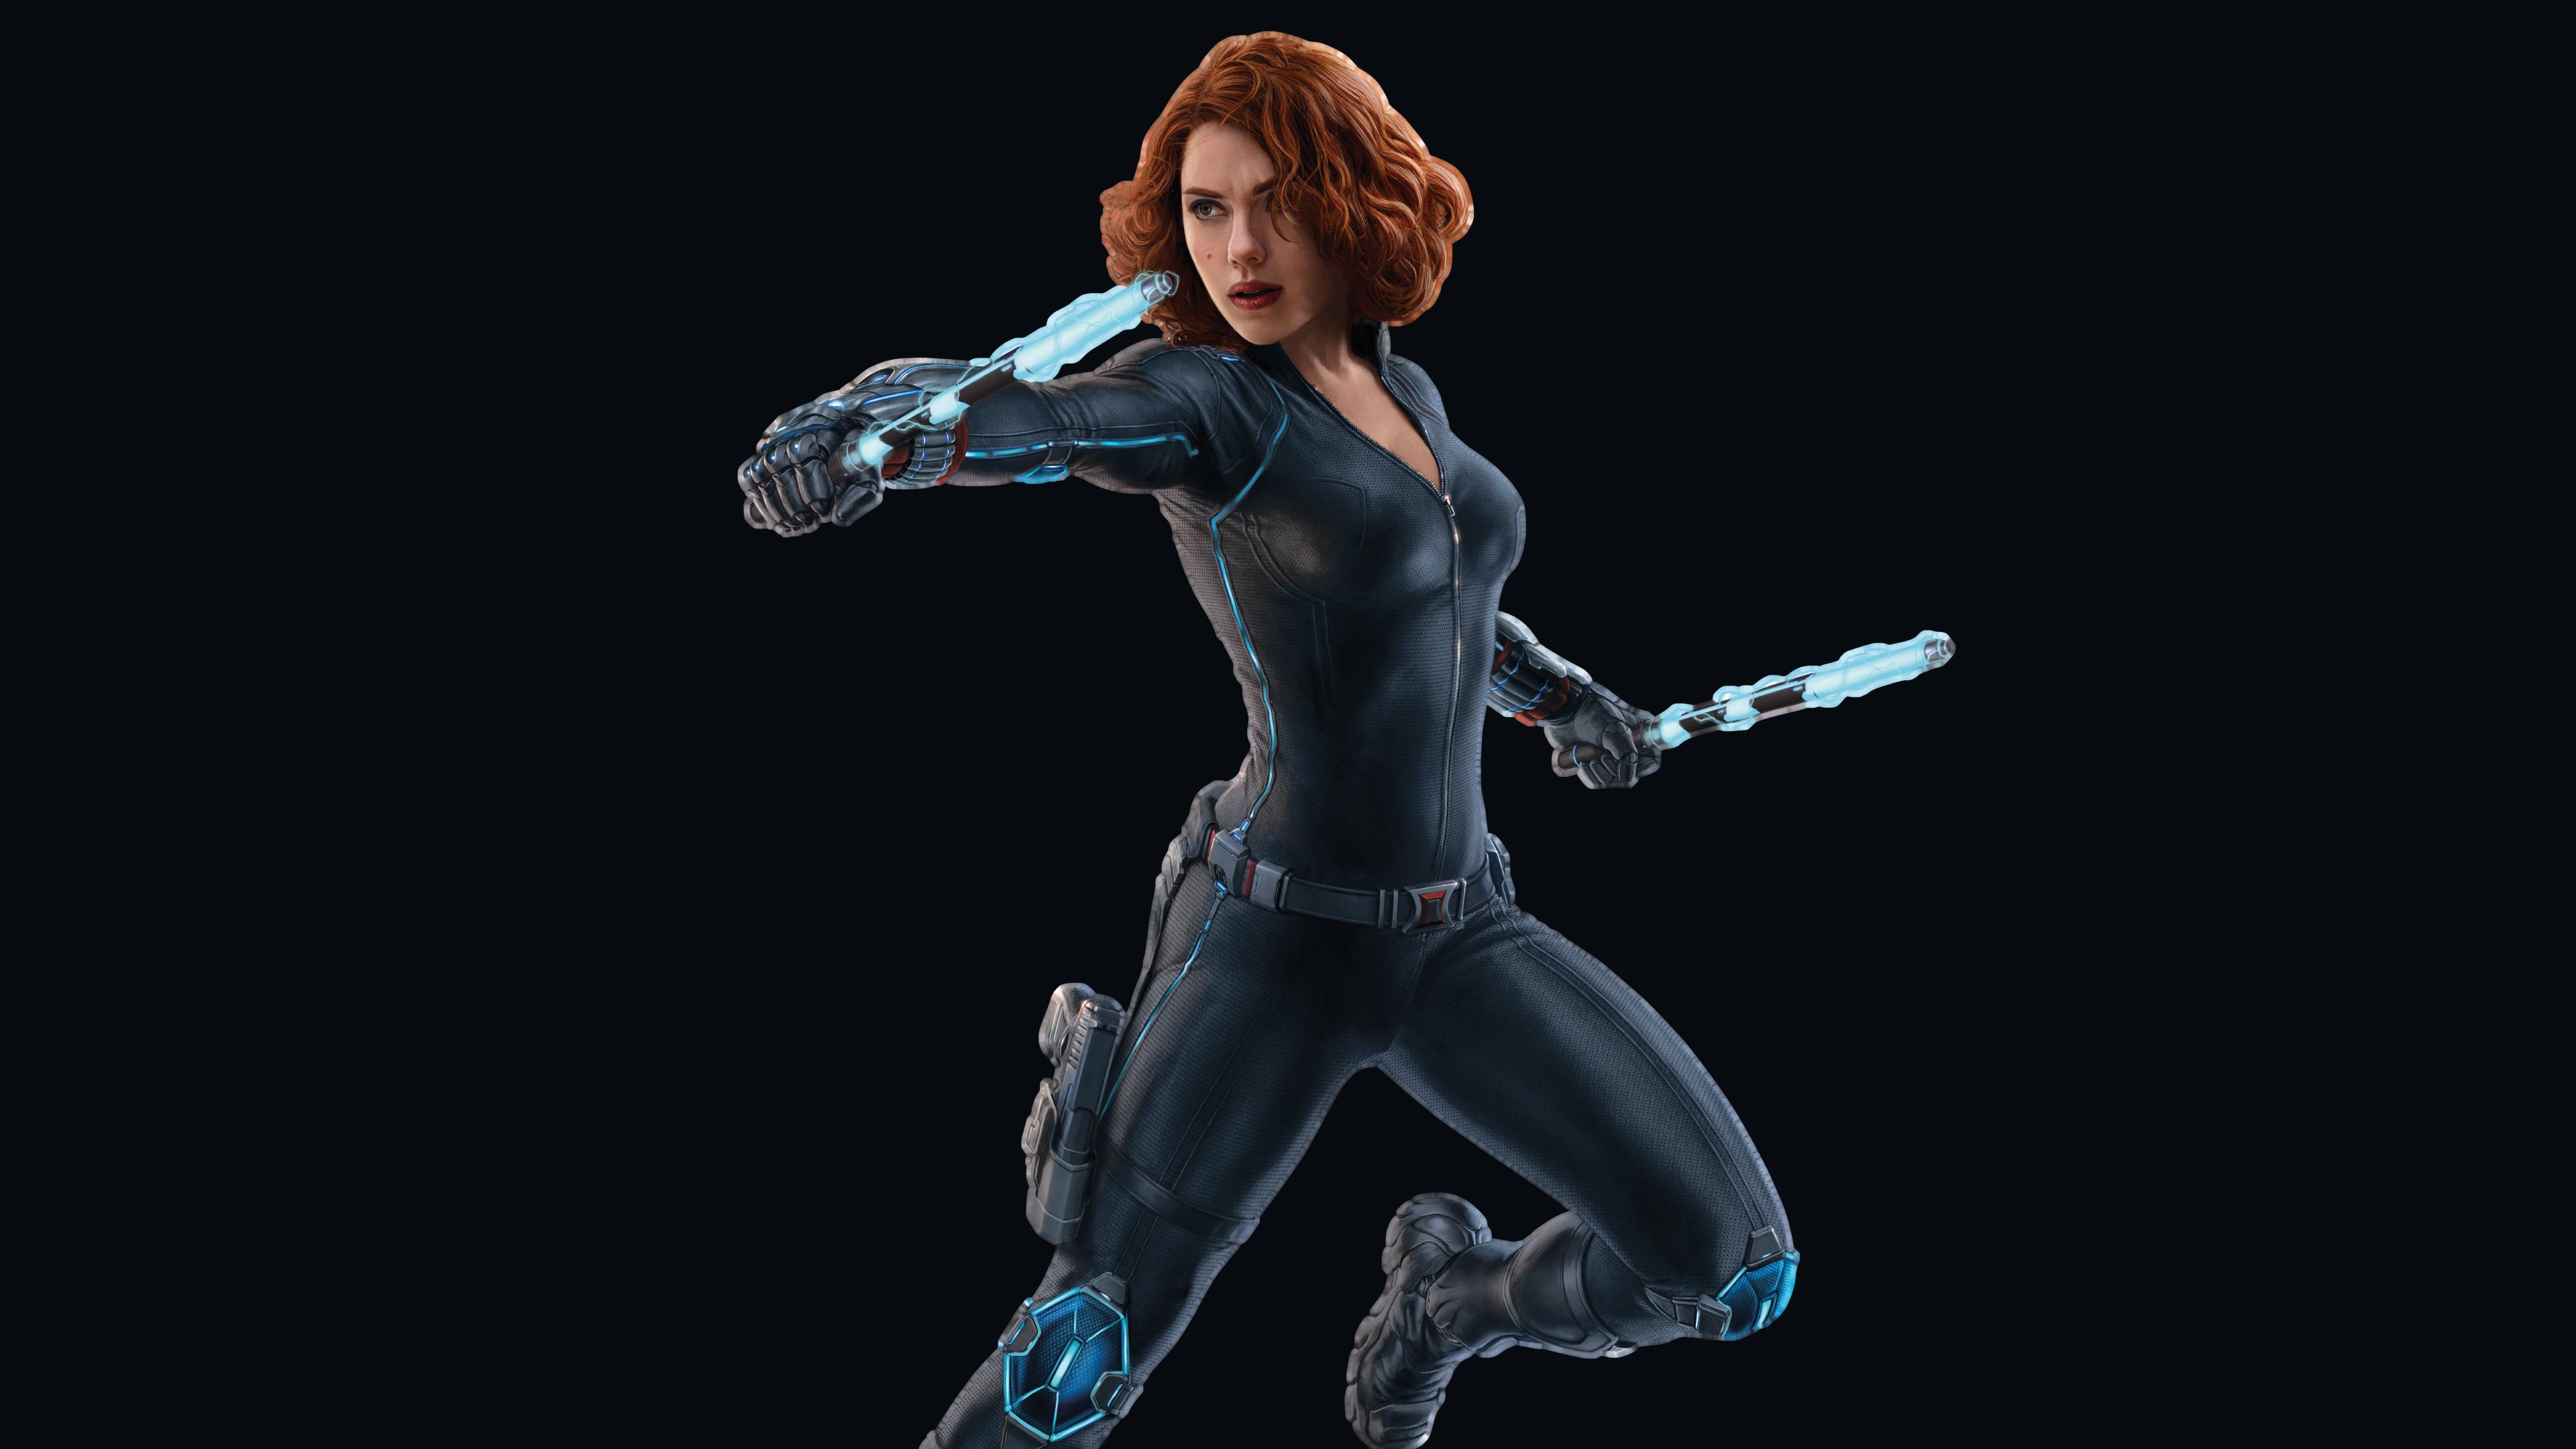 Героиня-Черной вдовы в защитном костюме и светящимся неоновым светом оружием